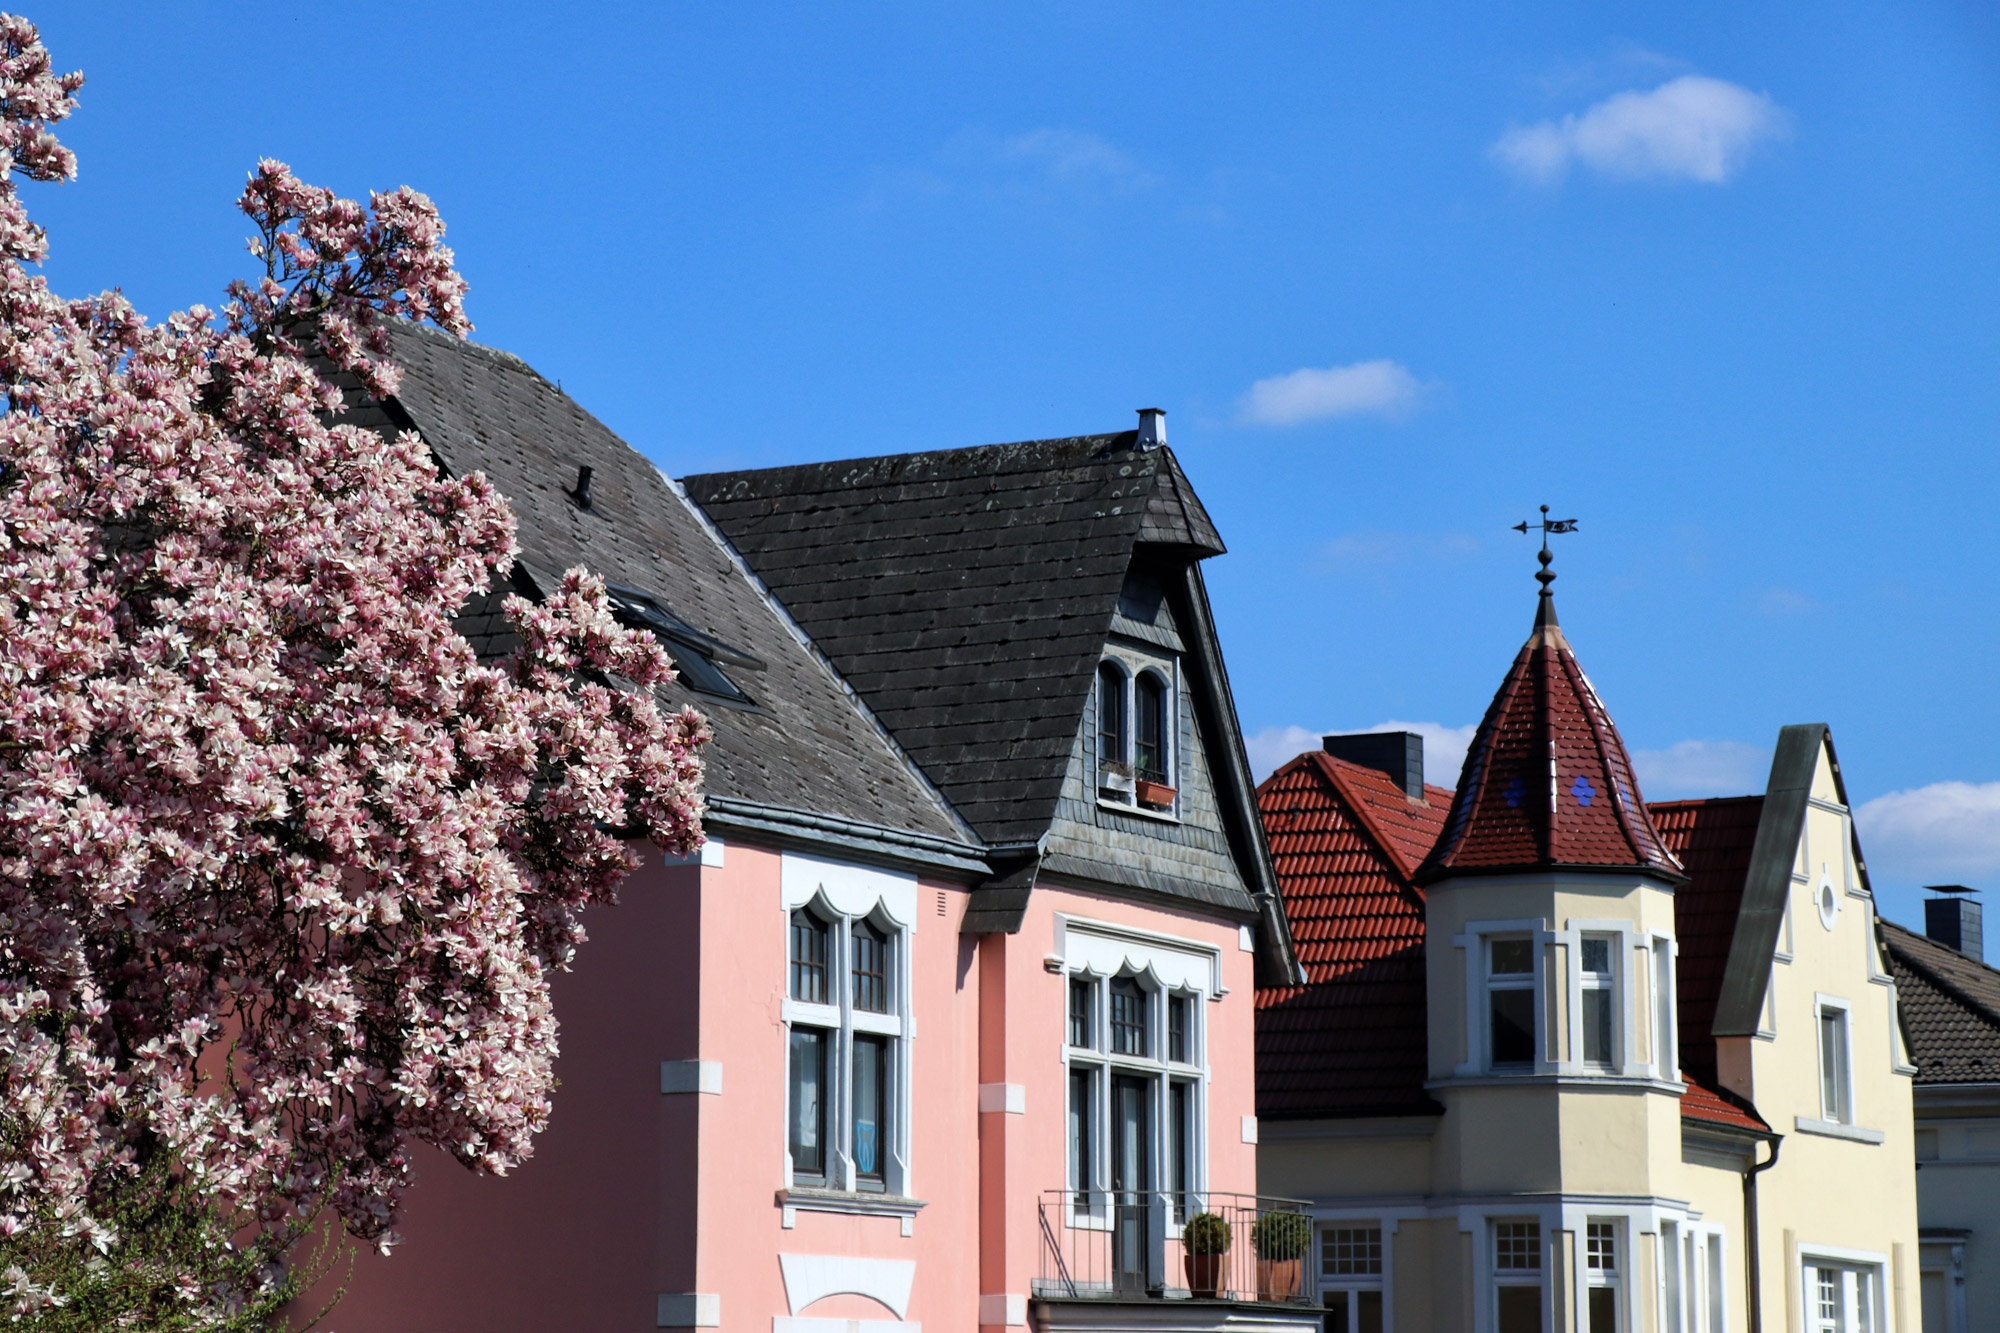 Essen-Kettwig, parel aan de Ruhr